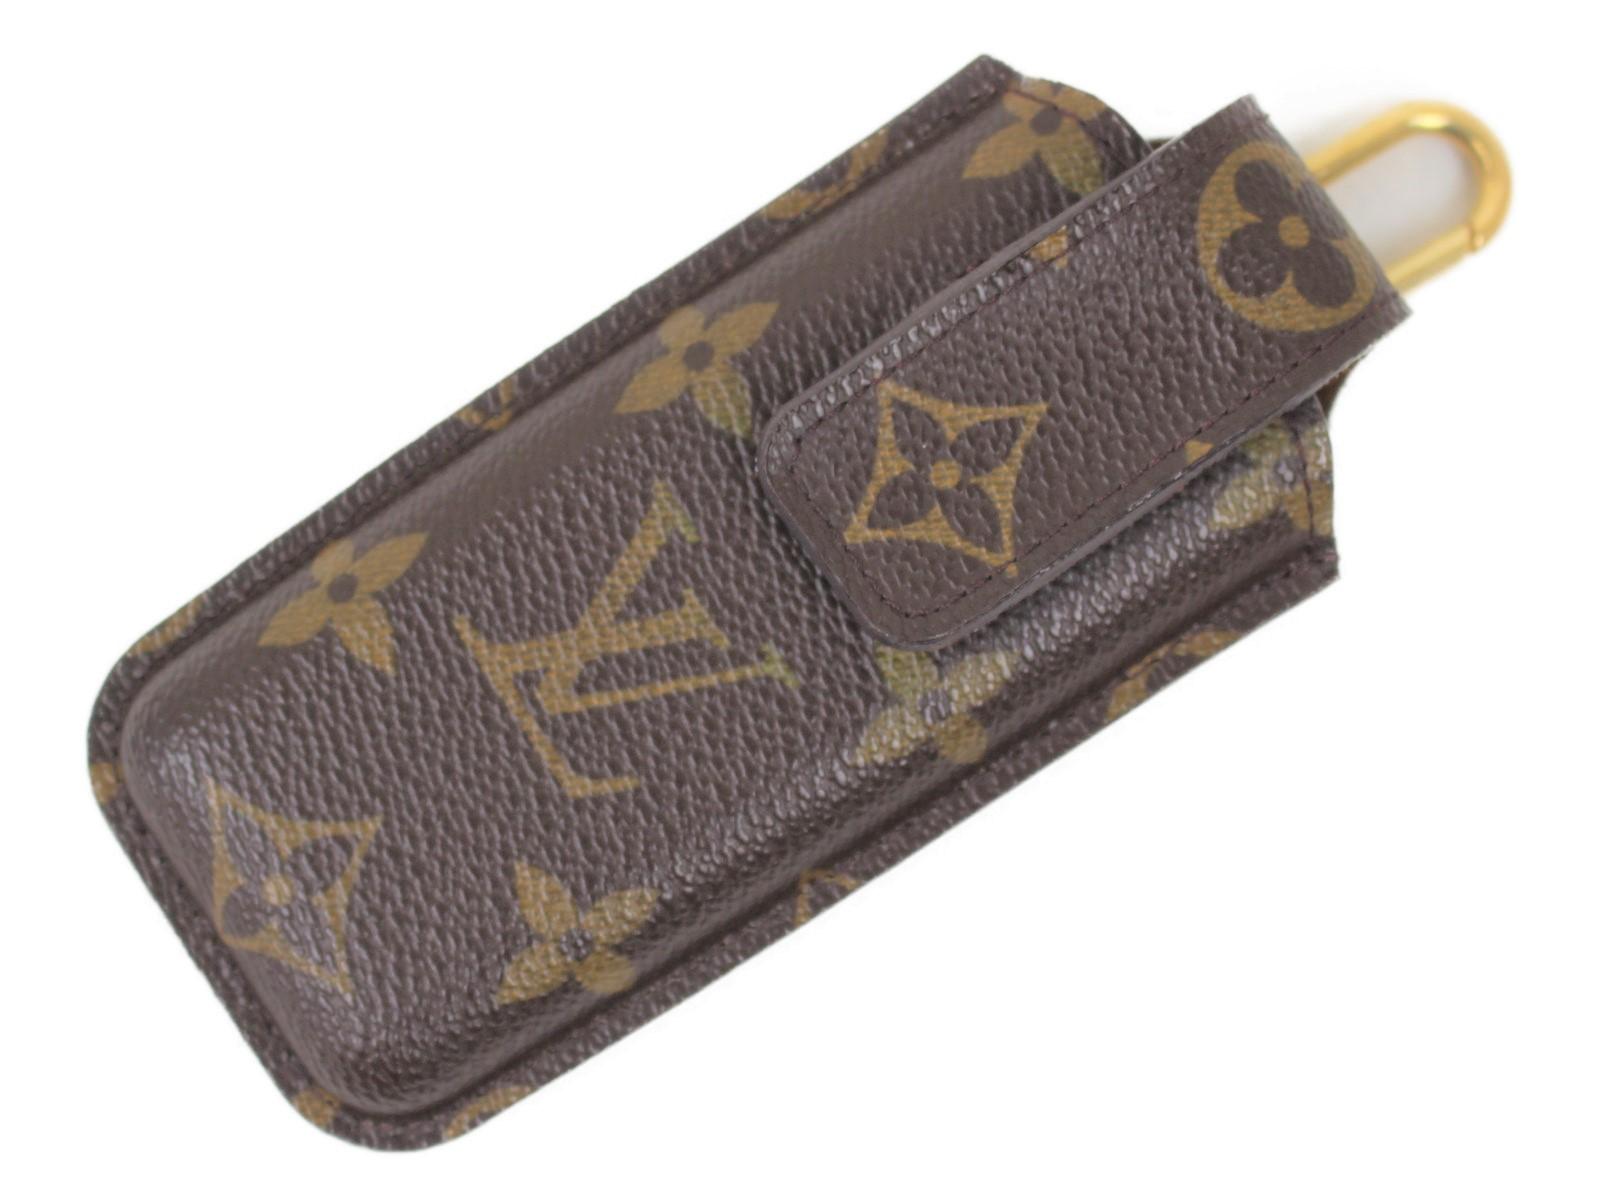 LOUIS VUITTON ルイヴィトン エテュイテレホン M63050 モノグラム モノグラムキャンバス メンズ レディース ウィメンズ ユニセックス ブランド 小物 旧携帯ケース 【中古】